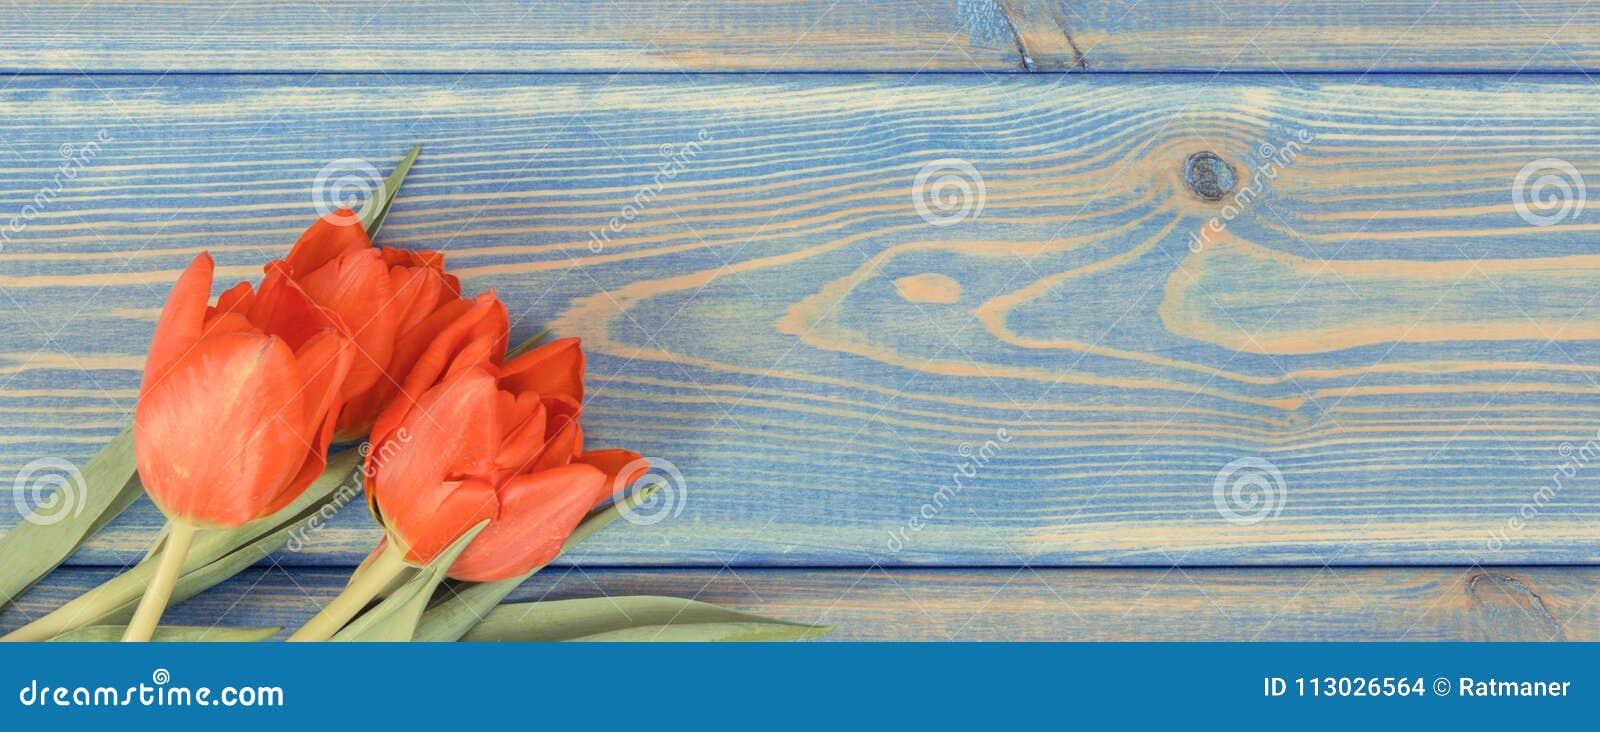 Foto del vintage, tulipanes rojos para diversas ocasiones en los tableros azules, espacio de la copia para el texto